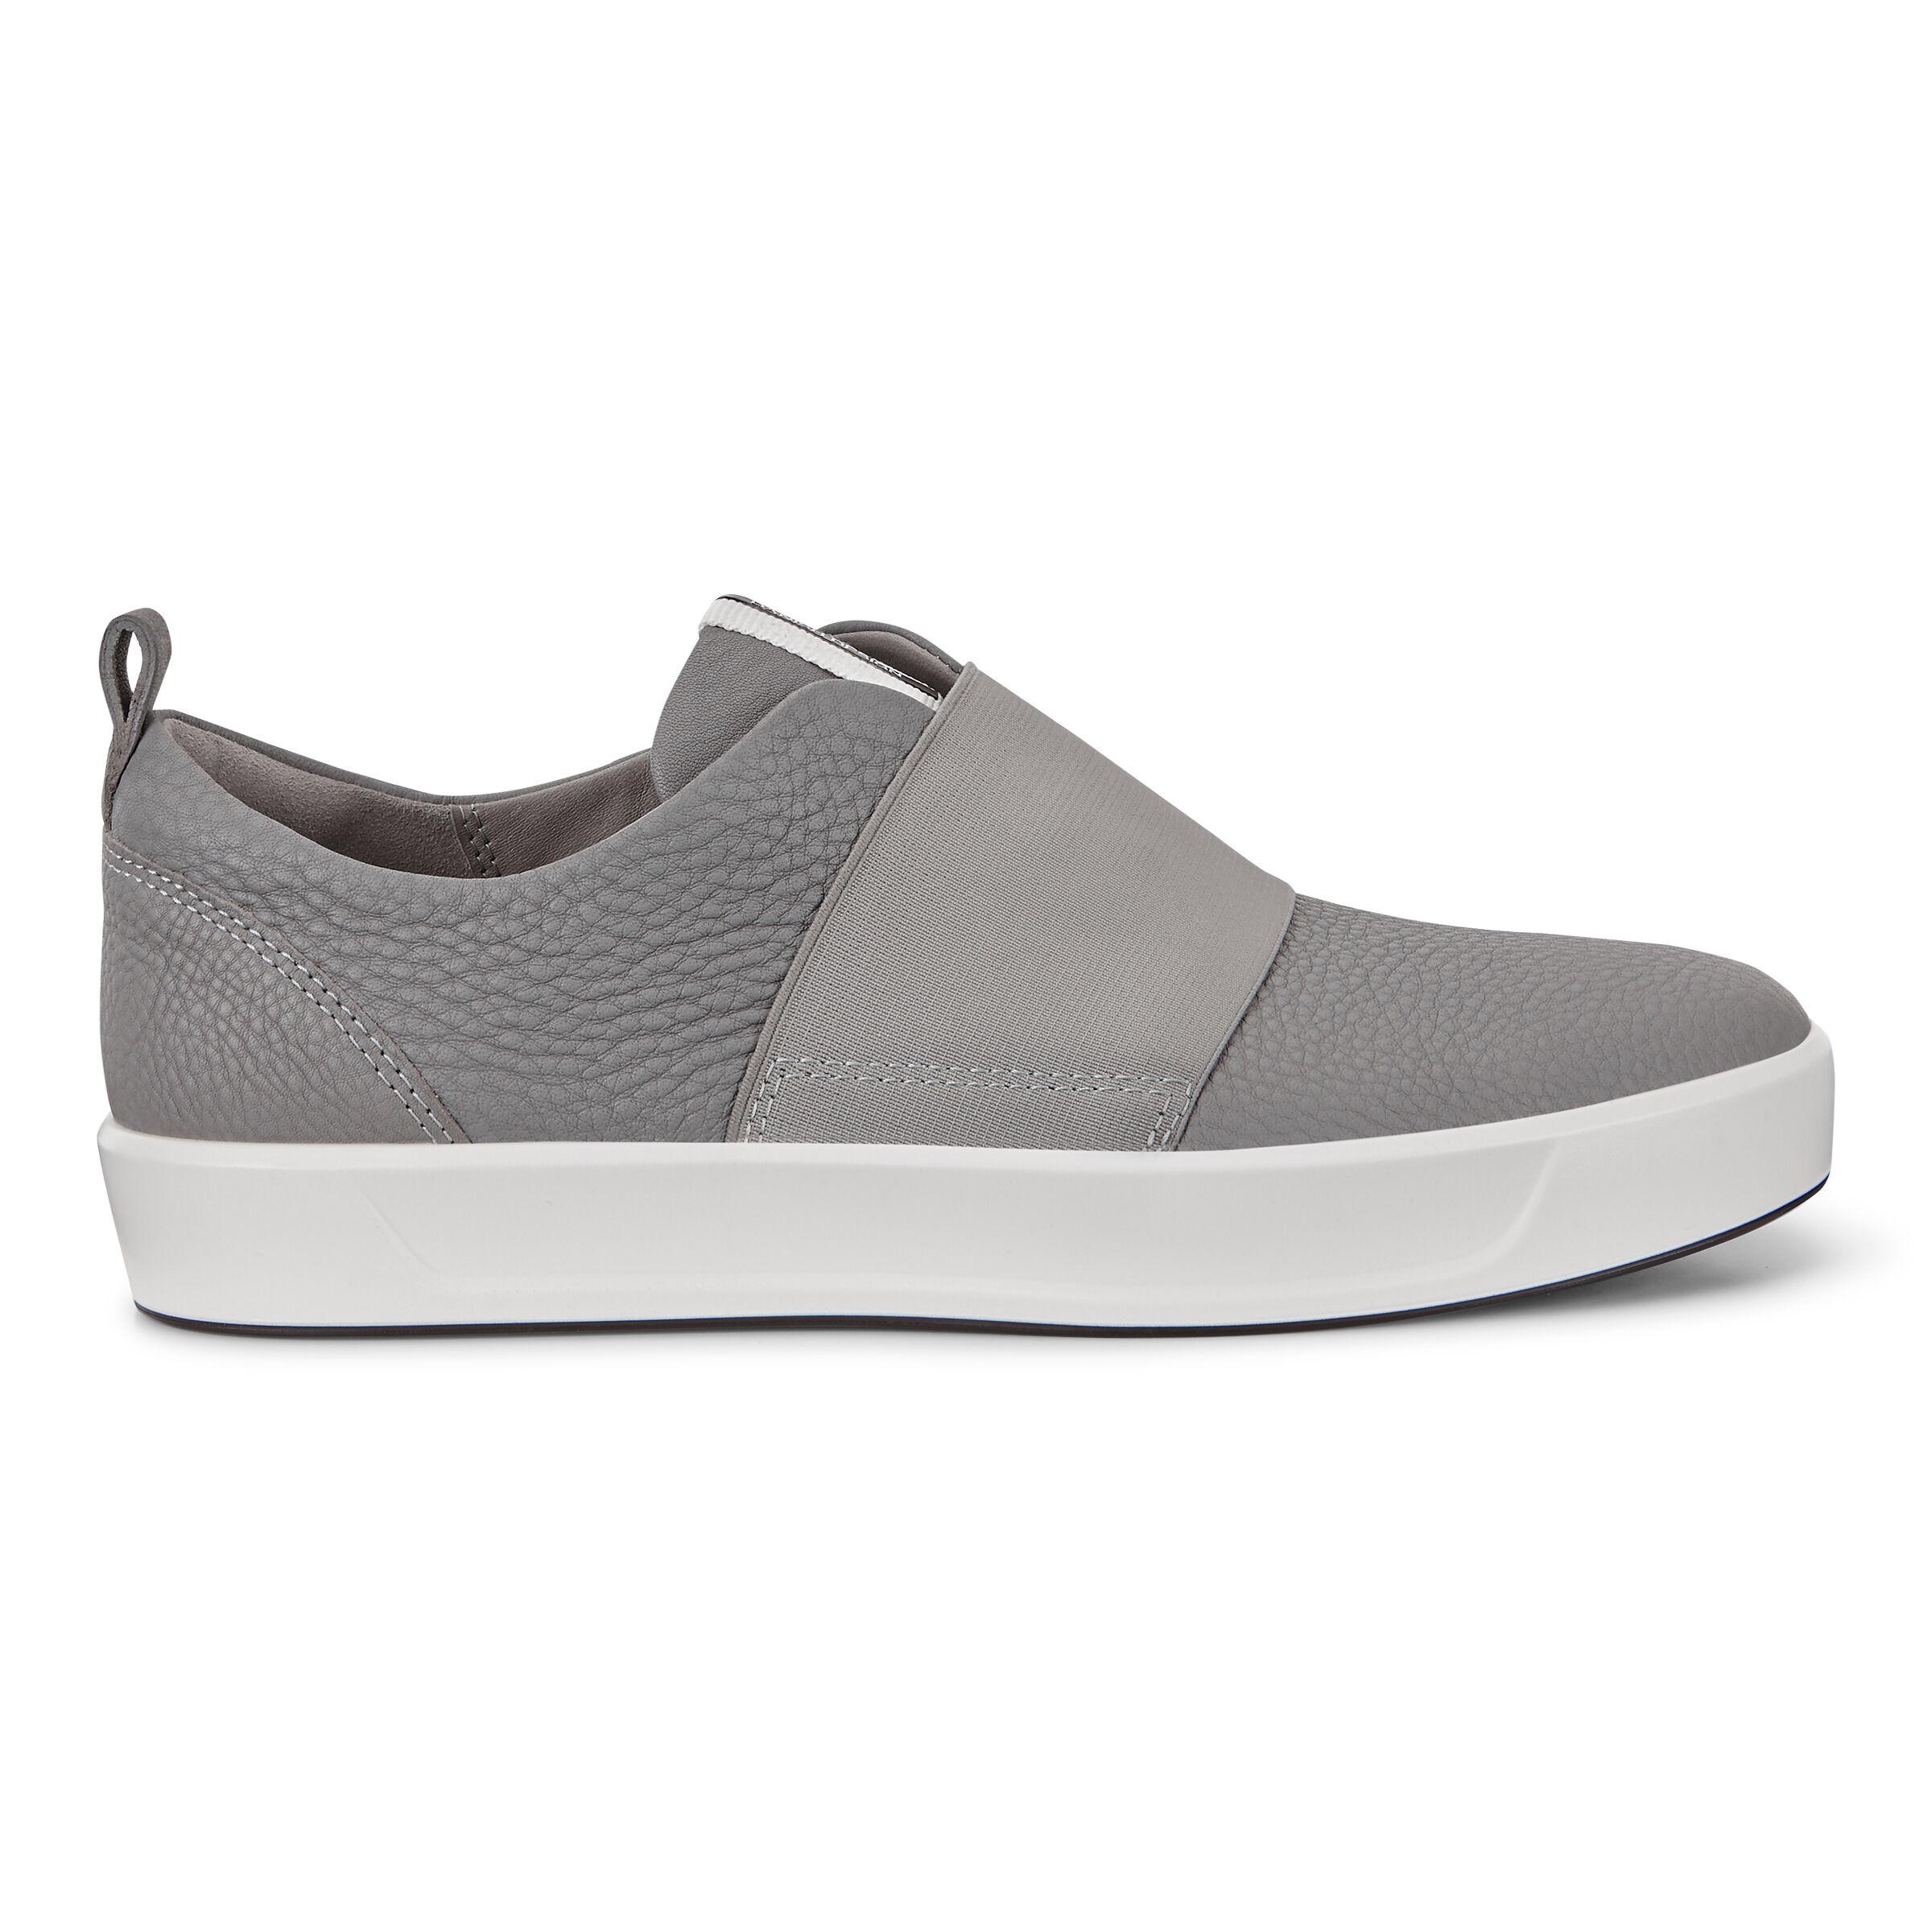 Soft 8 Strap   Women's Shoes   ECCO® Shoes